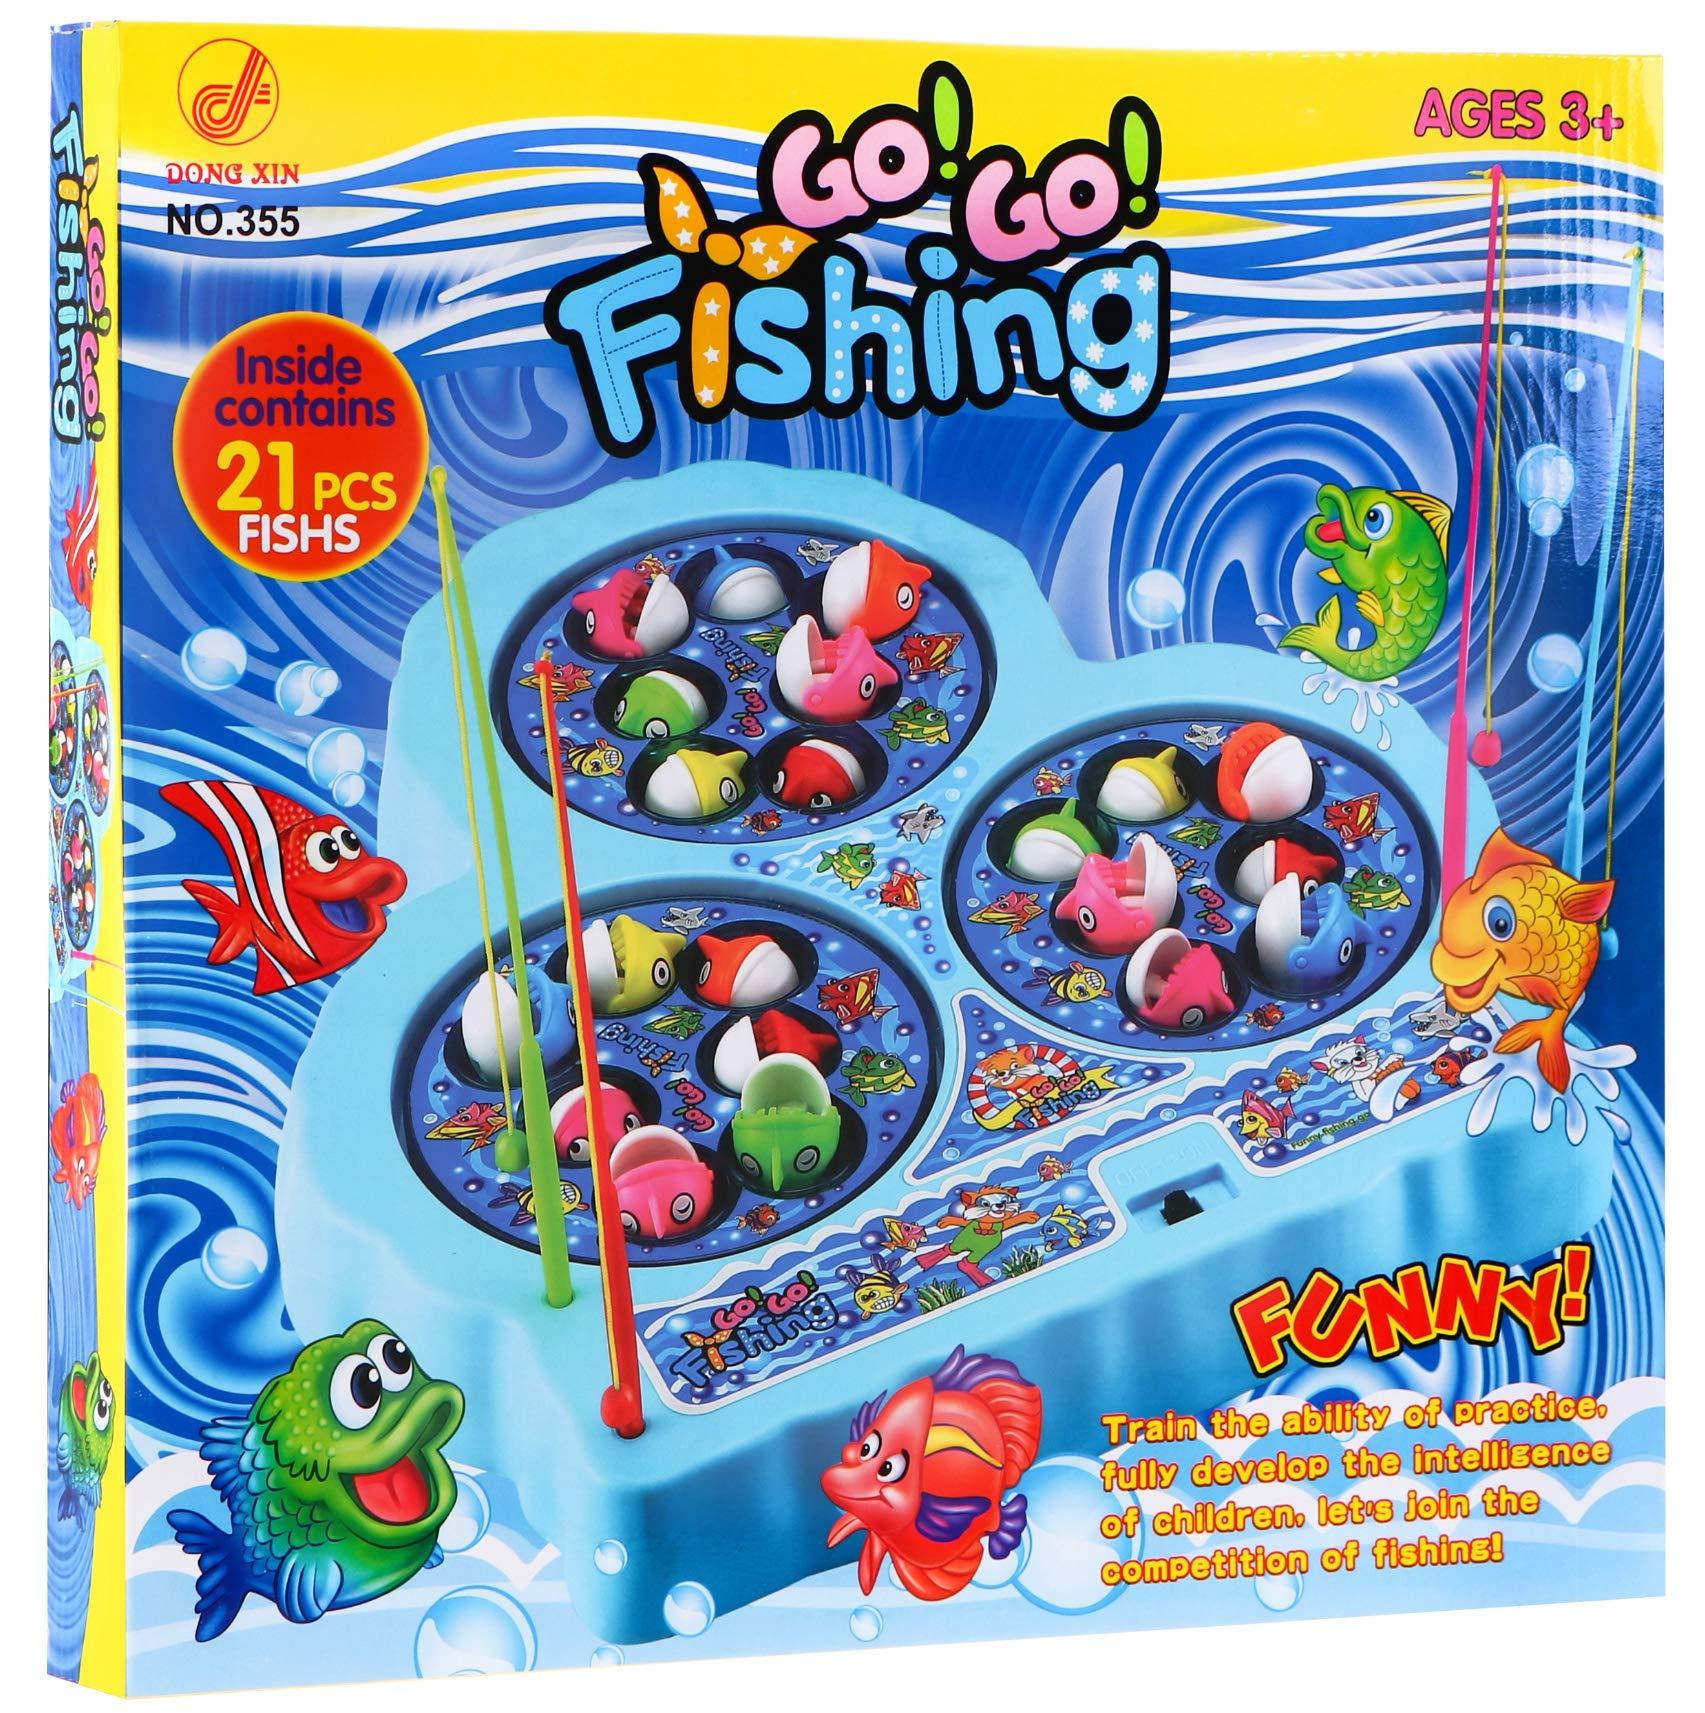 Geschicklichkeitsspiel-Angeln-Go-Go-Fishing-XXL-Entwicklungsfrderndes-Angelspiel-hoher-Spafaktor-wie-Kroko-Doc